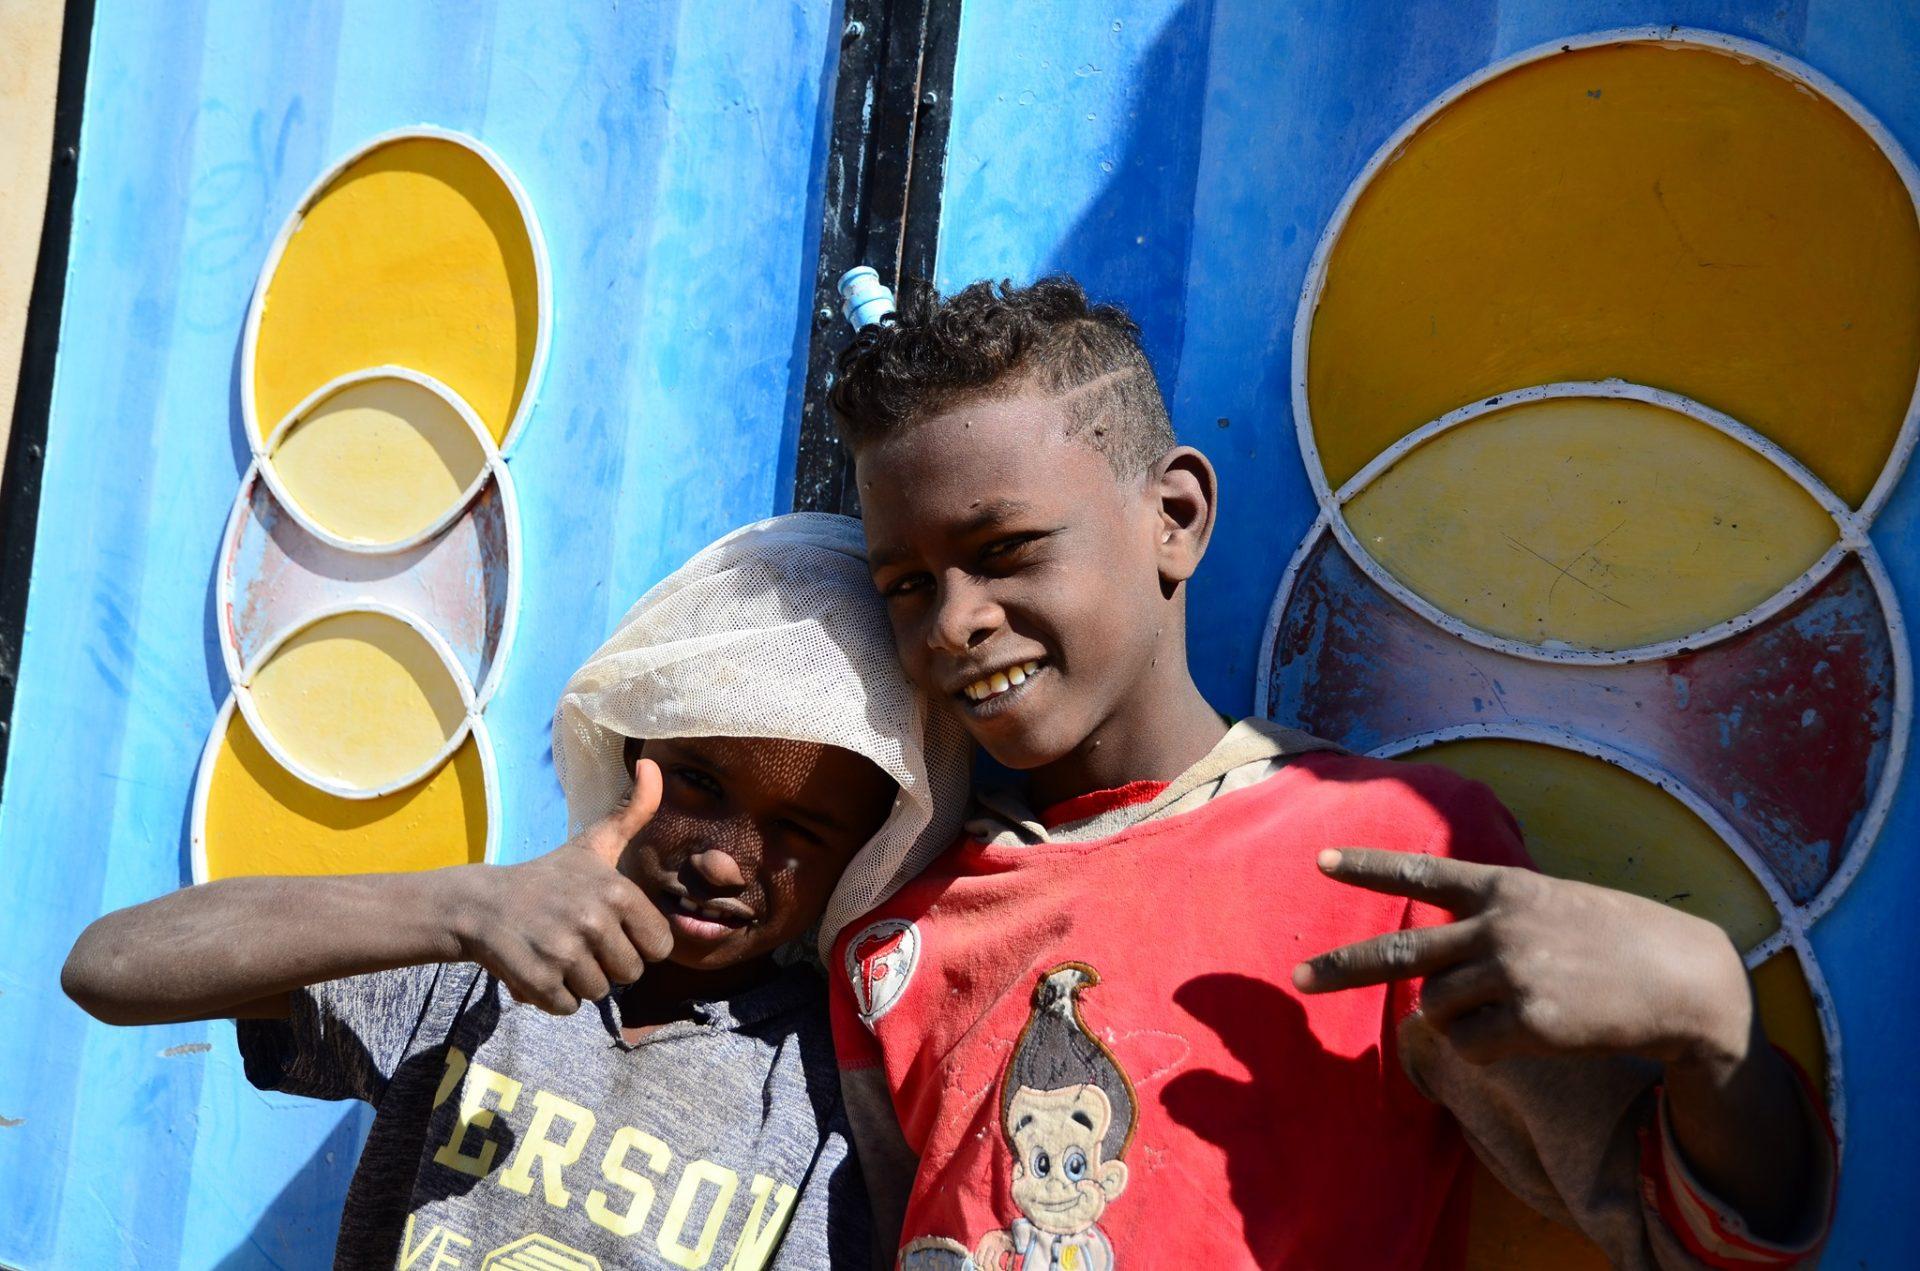 Soudan 2019. Un moment passé avec des gamins dans un village. Photo JP Noël